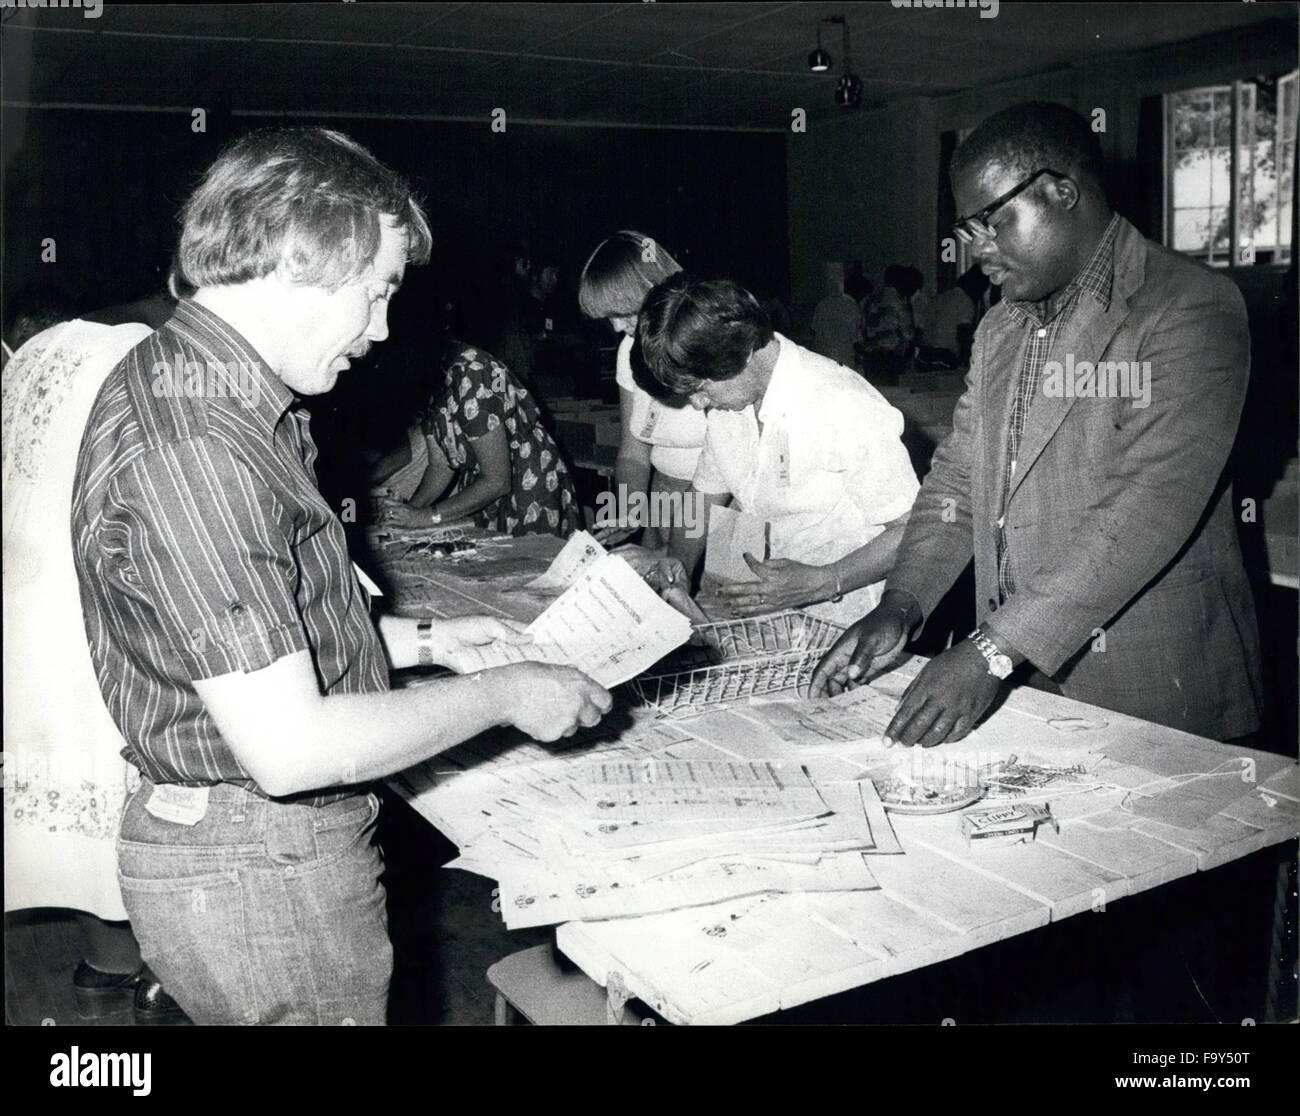 1968 - Elección de Rhodesia: La fotografía muestra el recuento de la votada por los negros de Rhodesai, Imagen De Stock